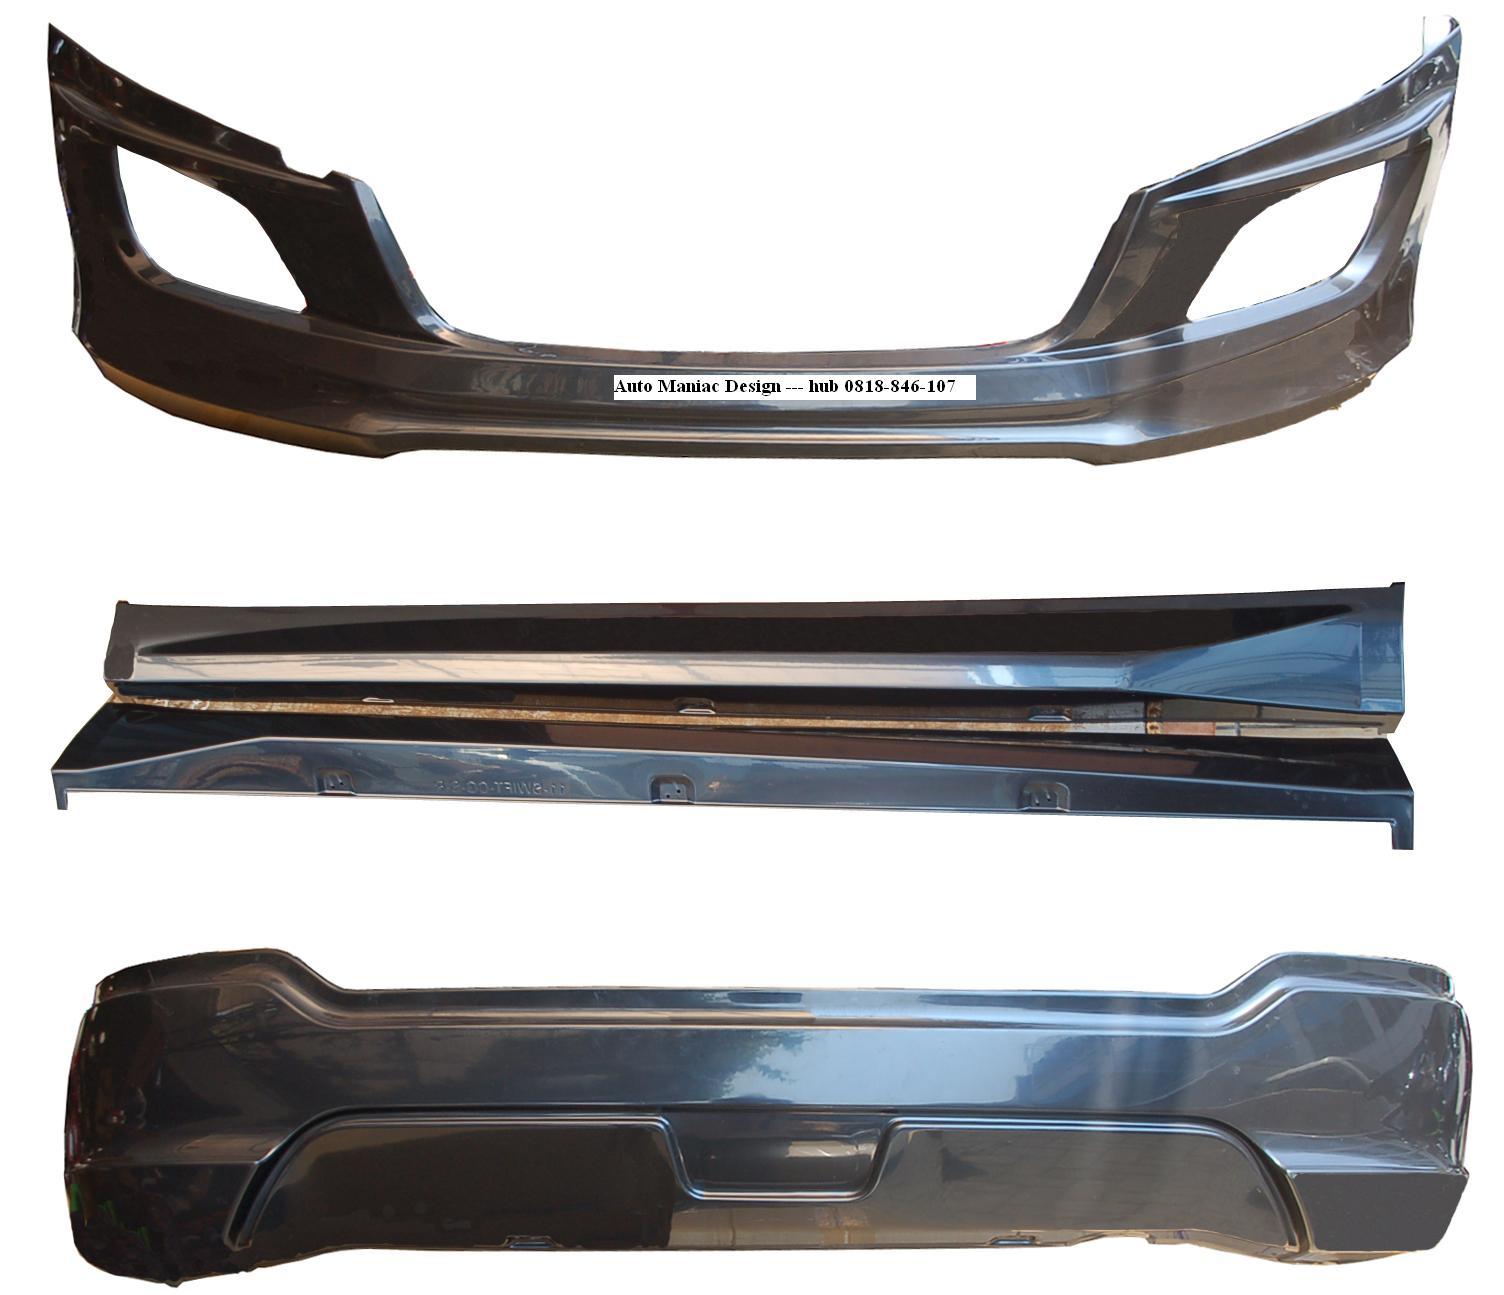 Suzuki Swift bodykit | Macam2 Bodykit & Carbon Fiber mobil terlengkap